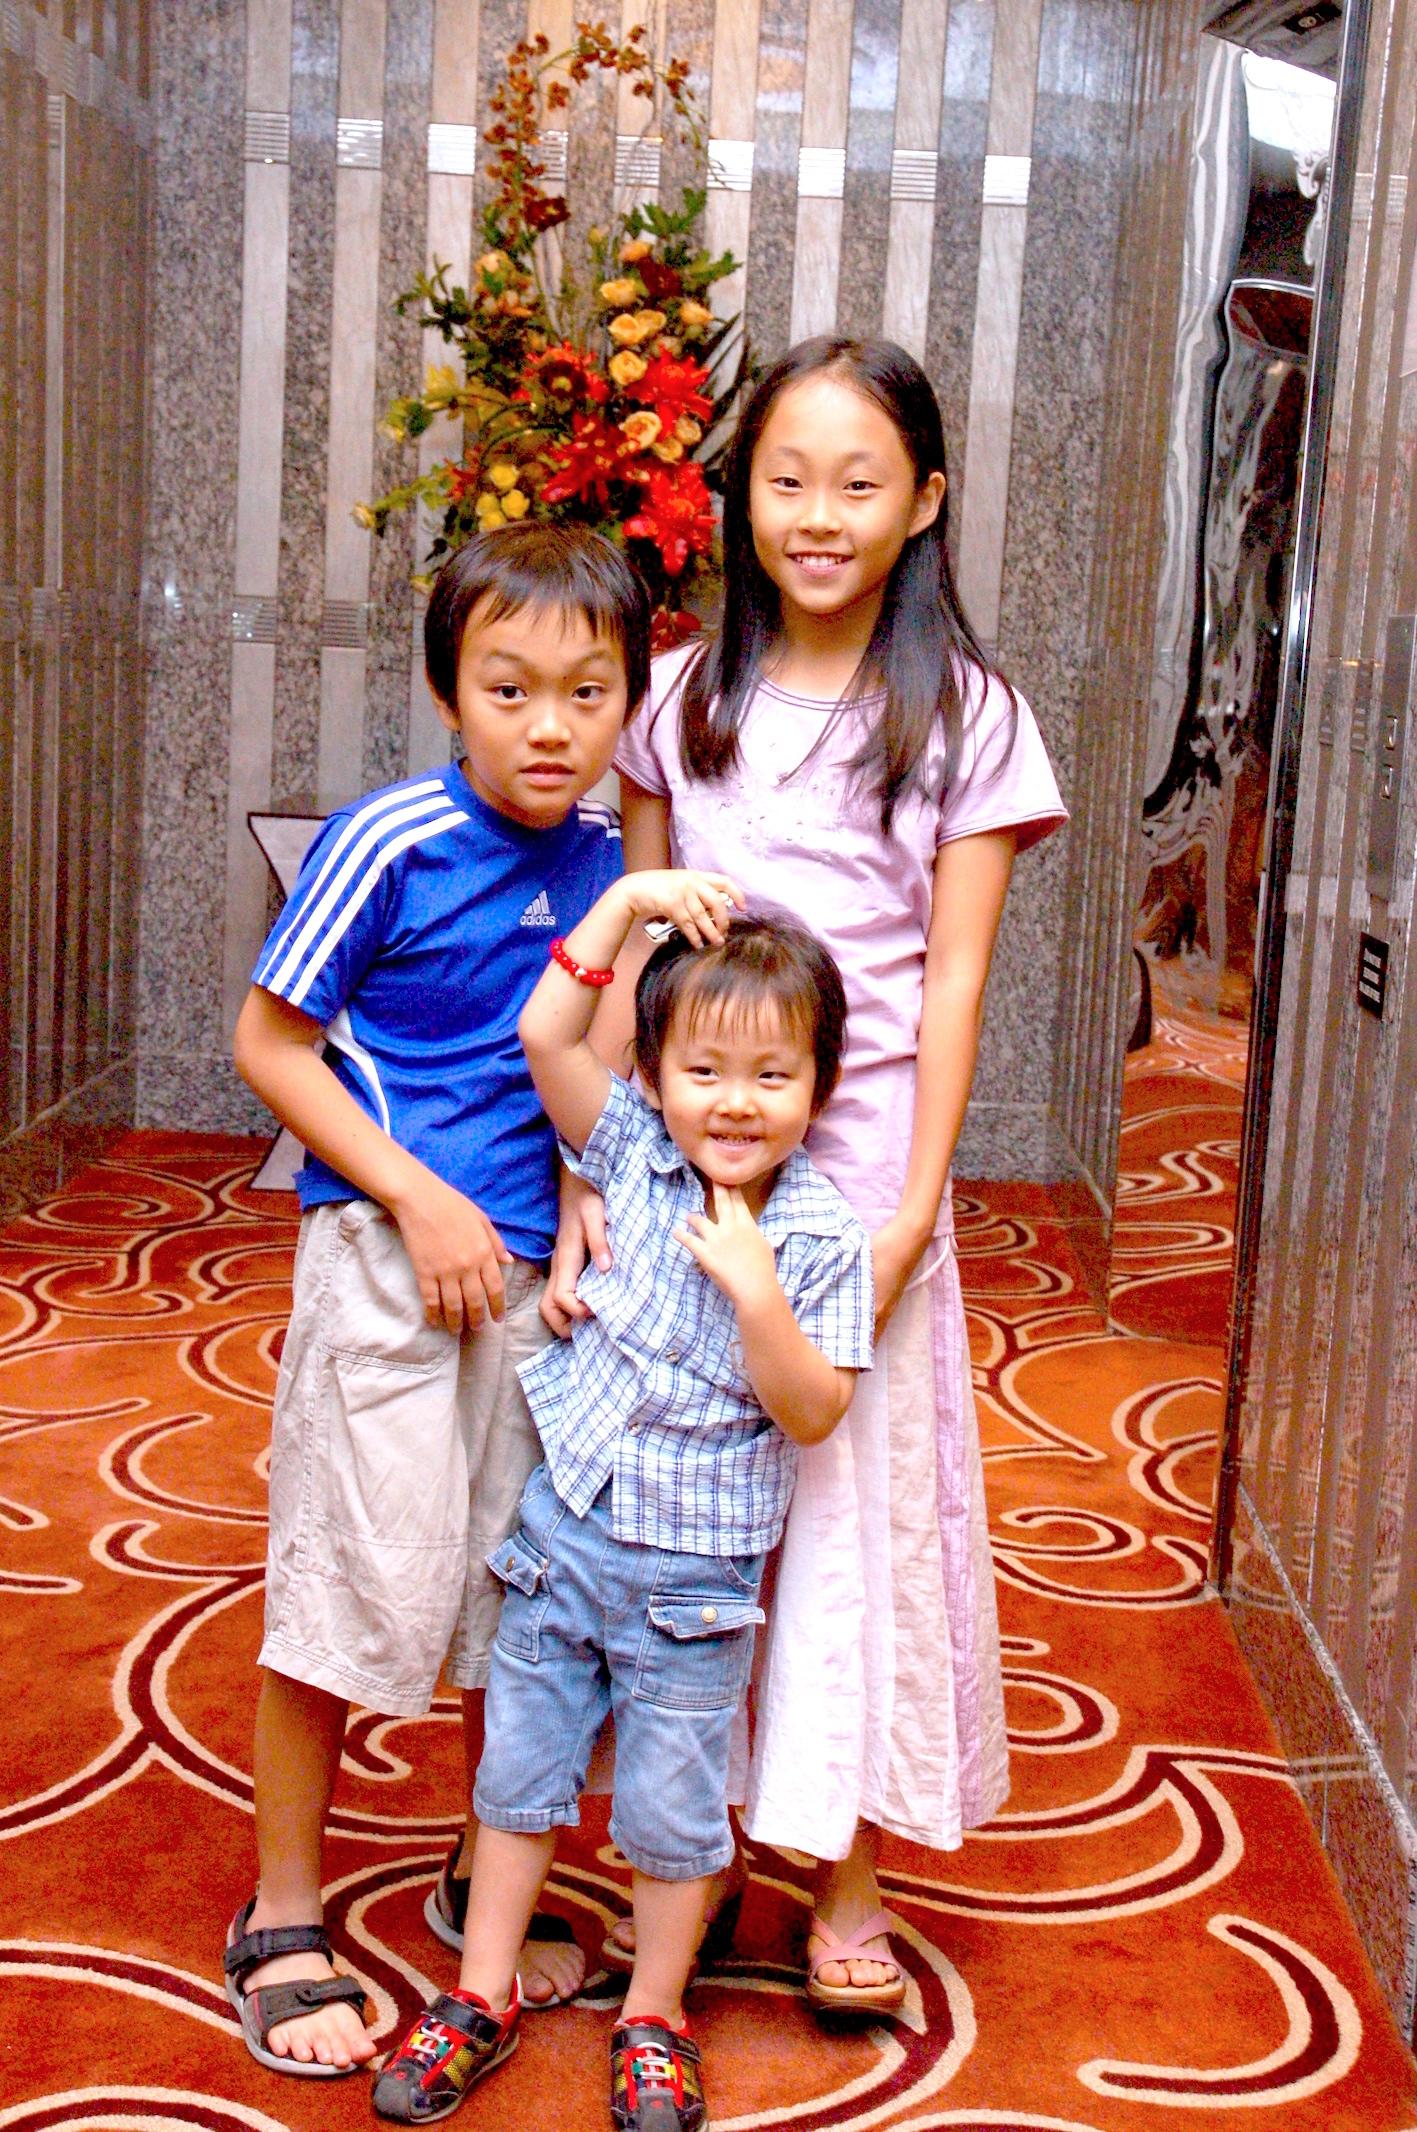 【月刊 SAWAN】「核家族での 海外での子育て。そこにSAWANがあって良かった。」